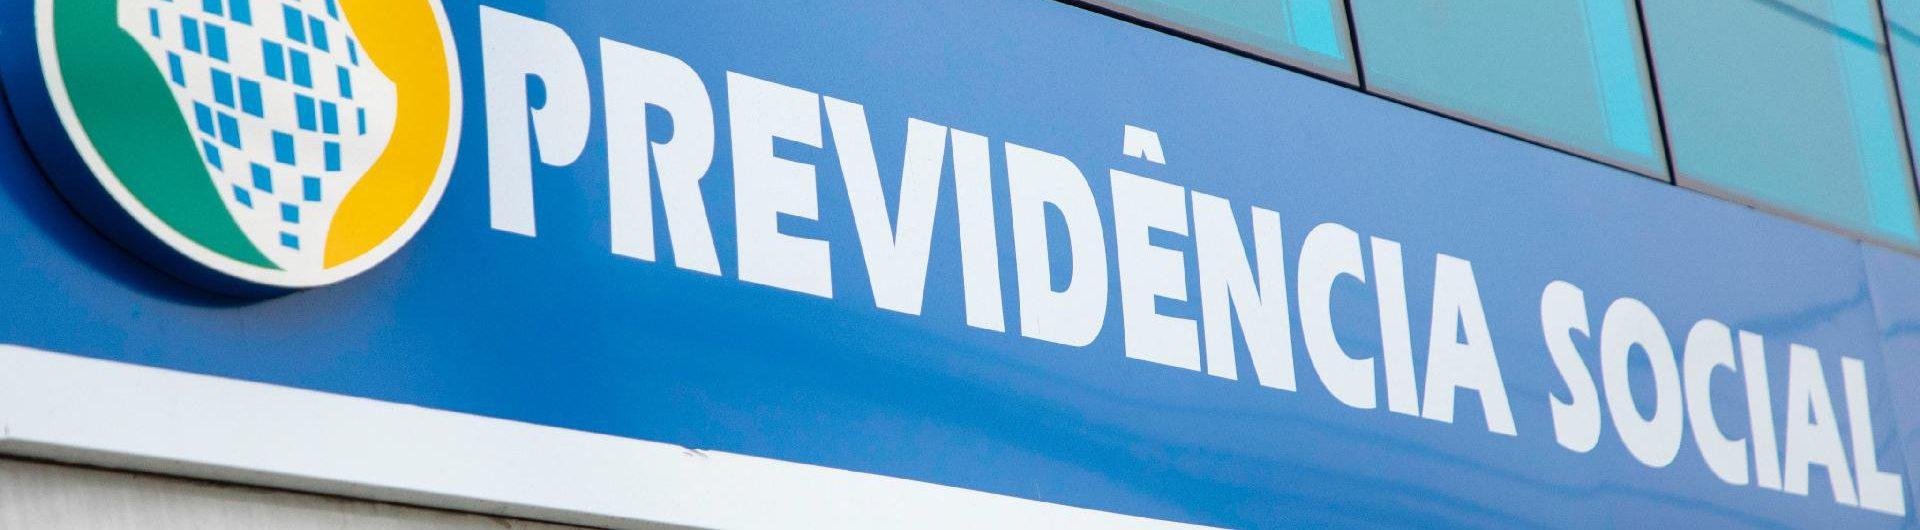 beneficio-inss-assistencia-medica-e-categorizacao-de-segurados